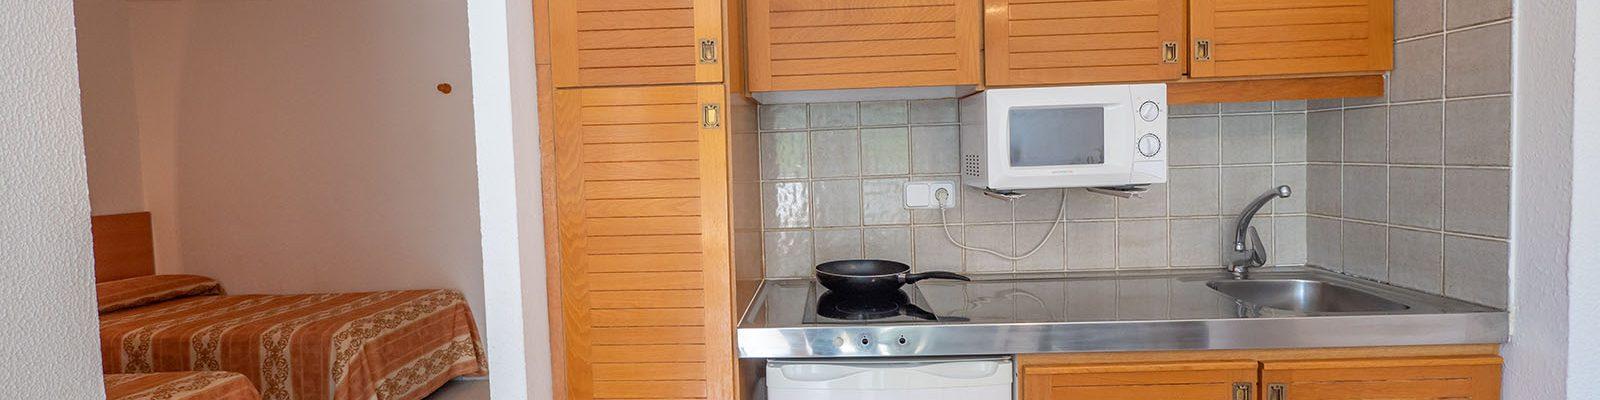 Apartamento D Vista camas y cocina